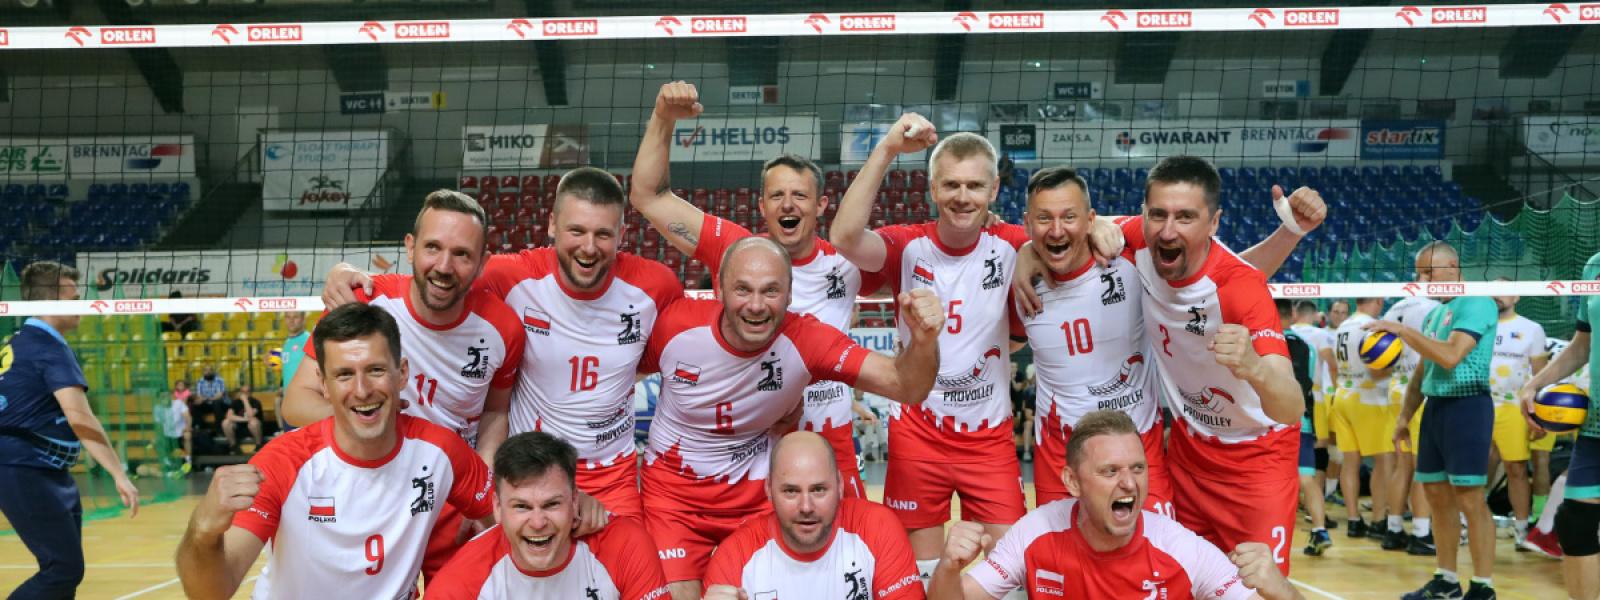 XXV Mistrzostwa Polski Oldboyów w Kędzierzynie-Koźlu